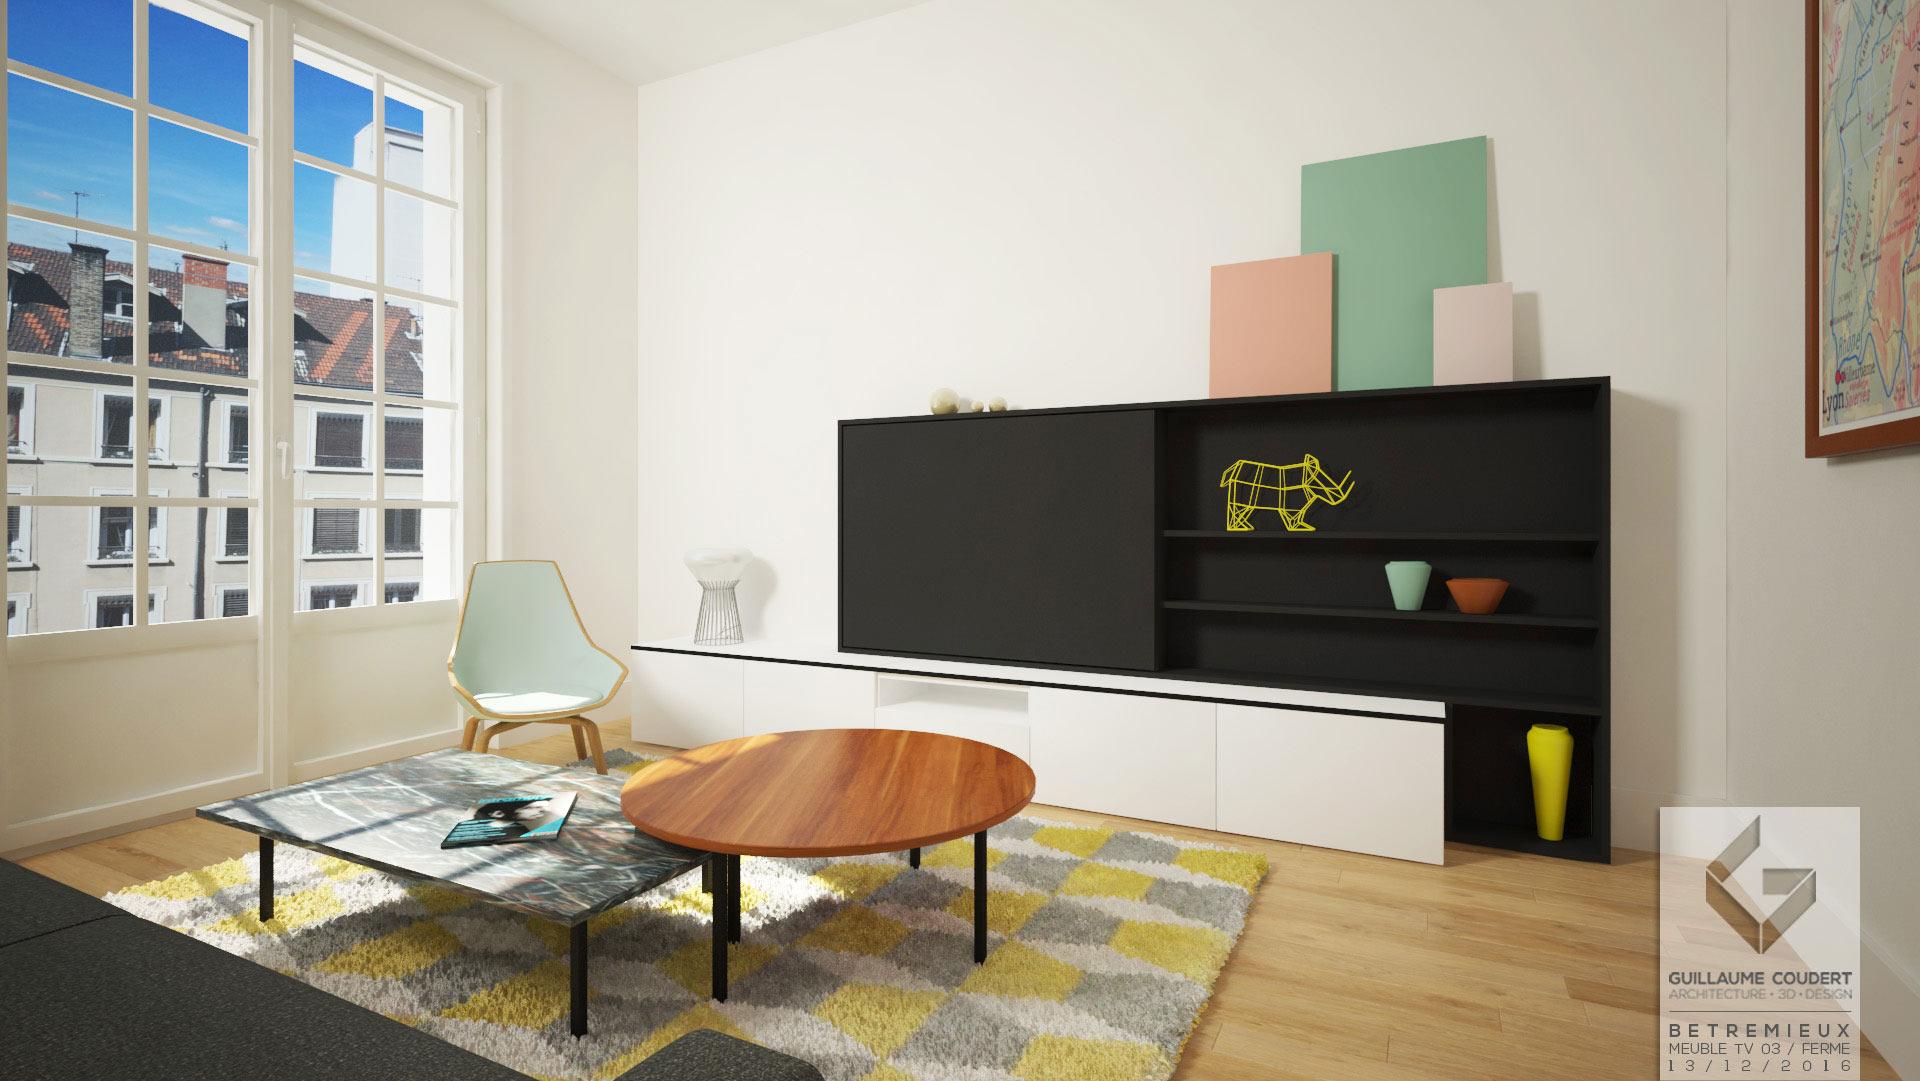 Meuble Tv Guillaume Coudert Architecture D Int Rieur # Meuble Tele Ferme